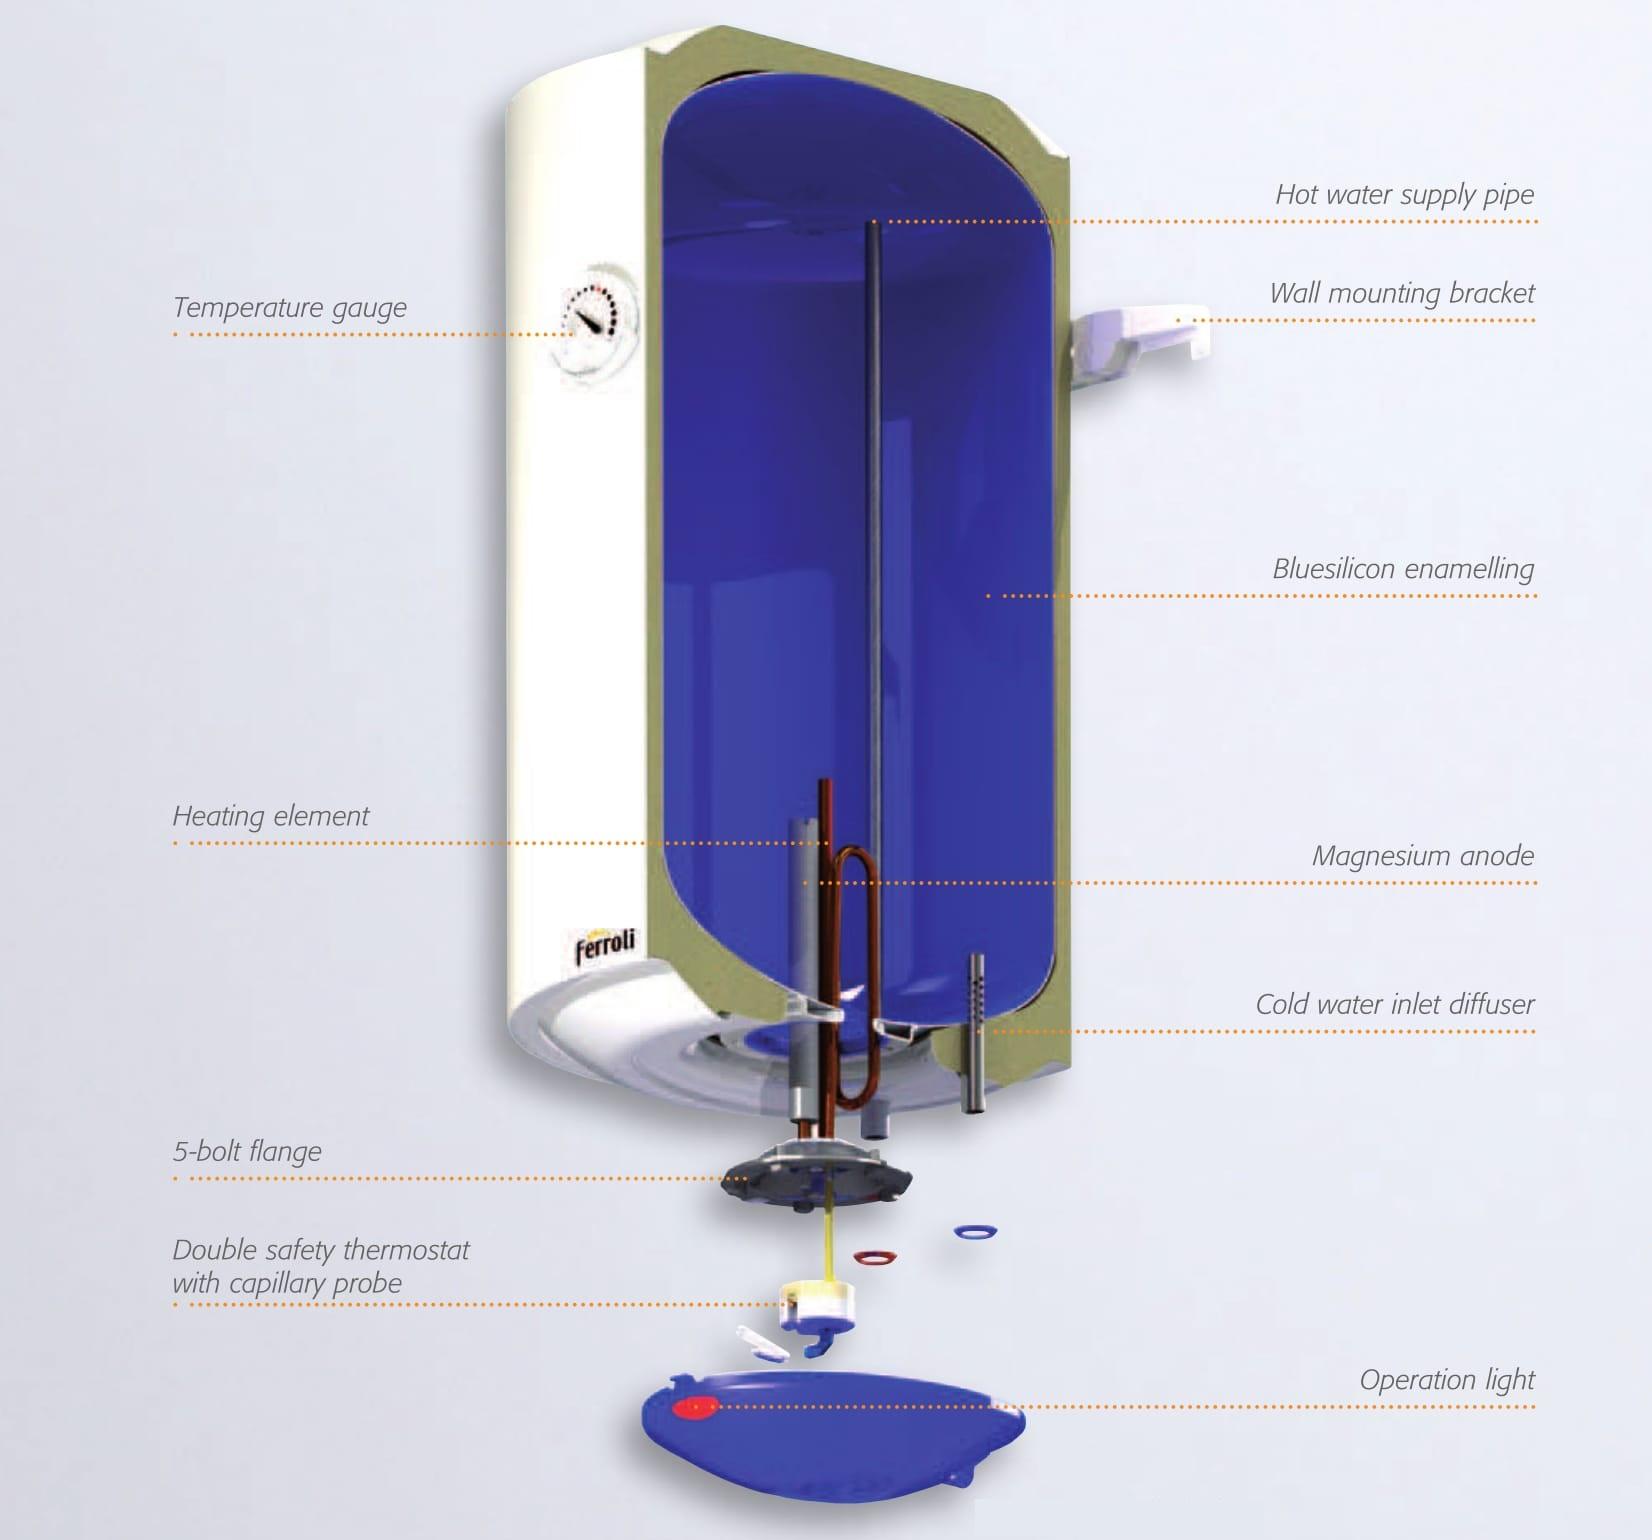 Electric Waterheaters_FERROLI_89AG0003_01_low 10-11-1 edit